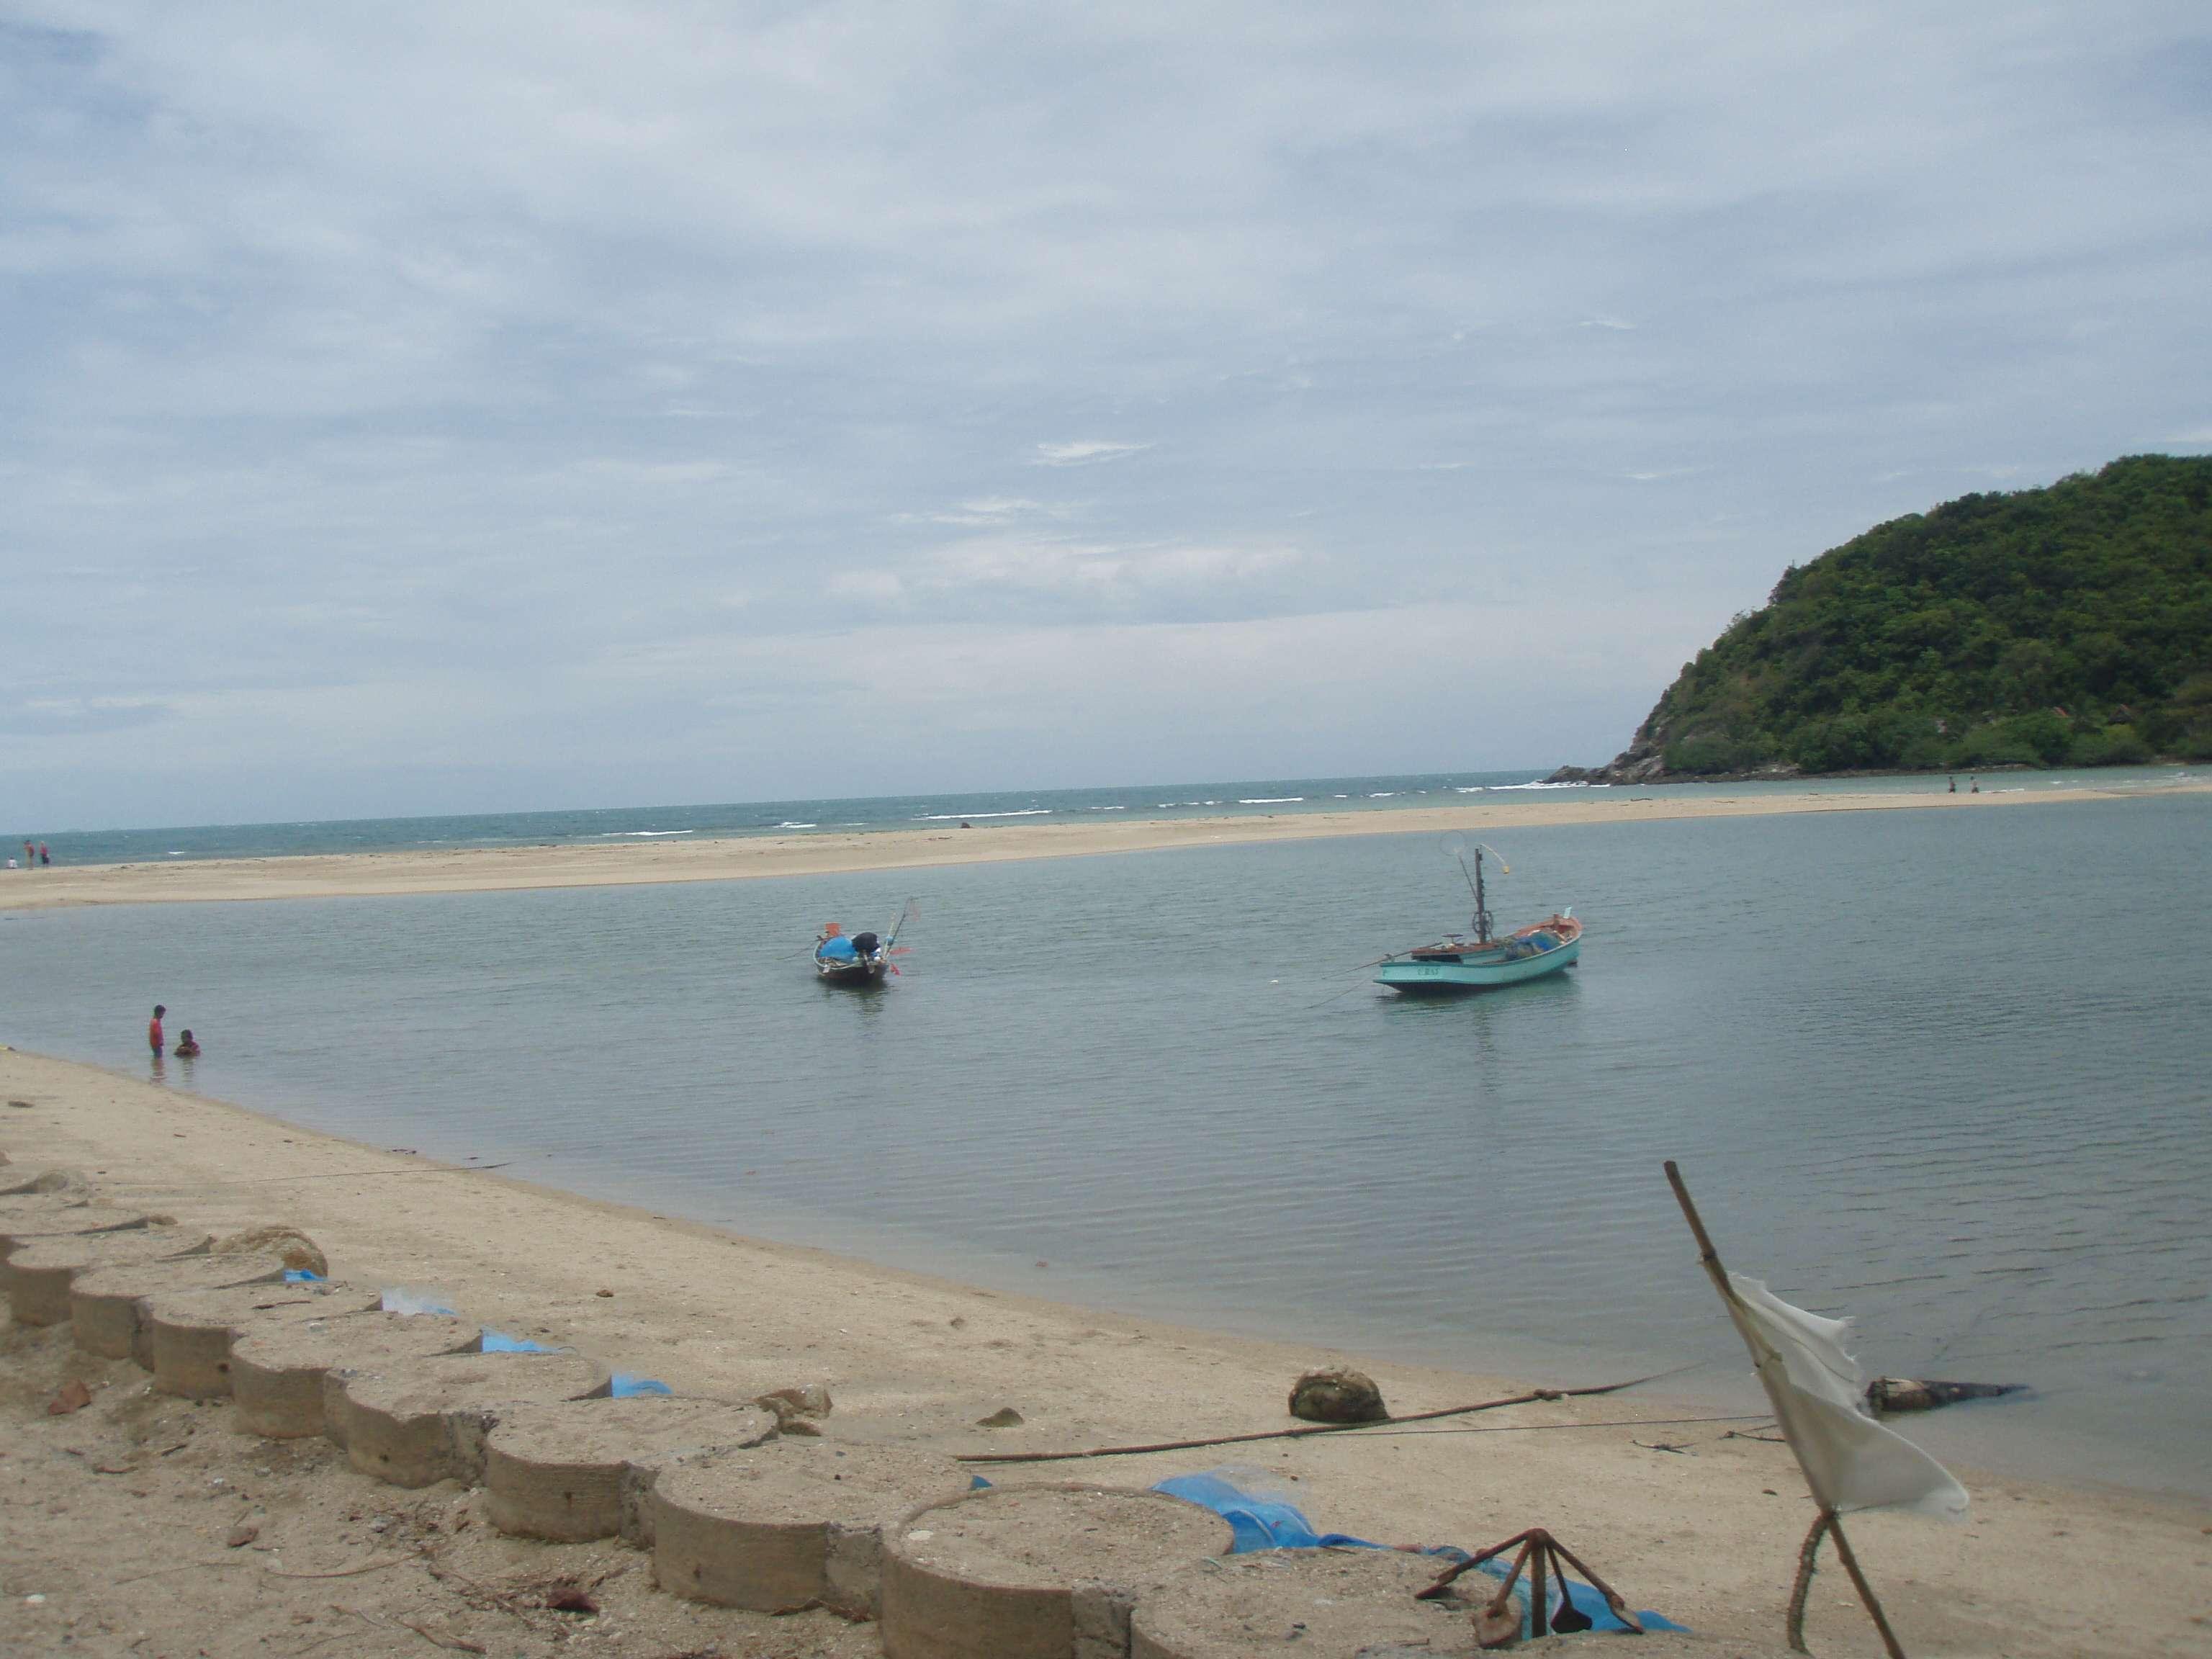 der Übergang zur Insel Koh Ma bei Ebbe